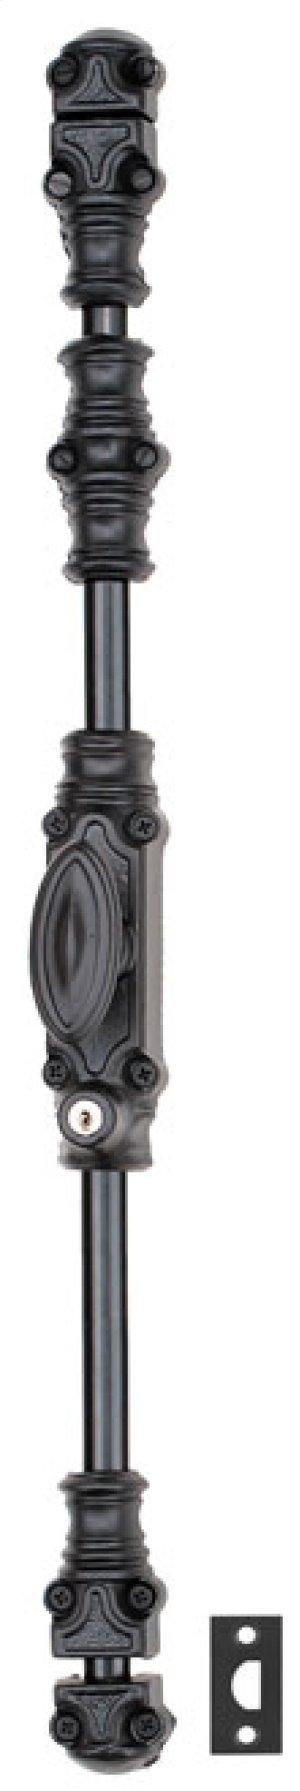 Keyed Cremone Bolt Product Image